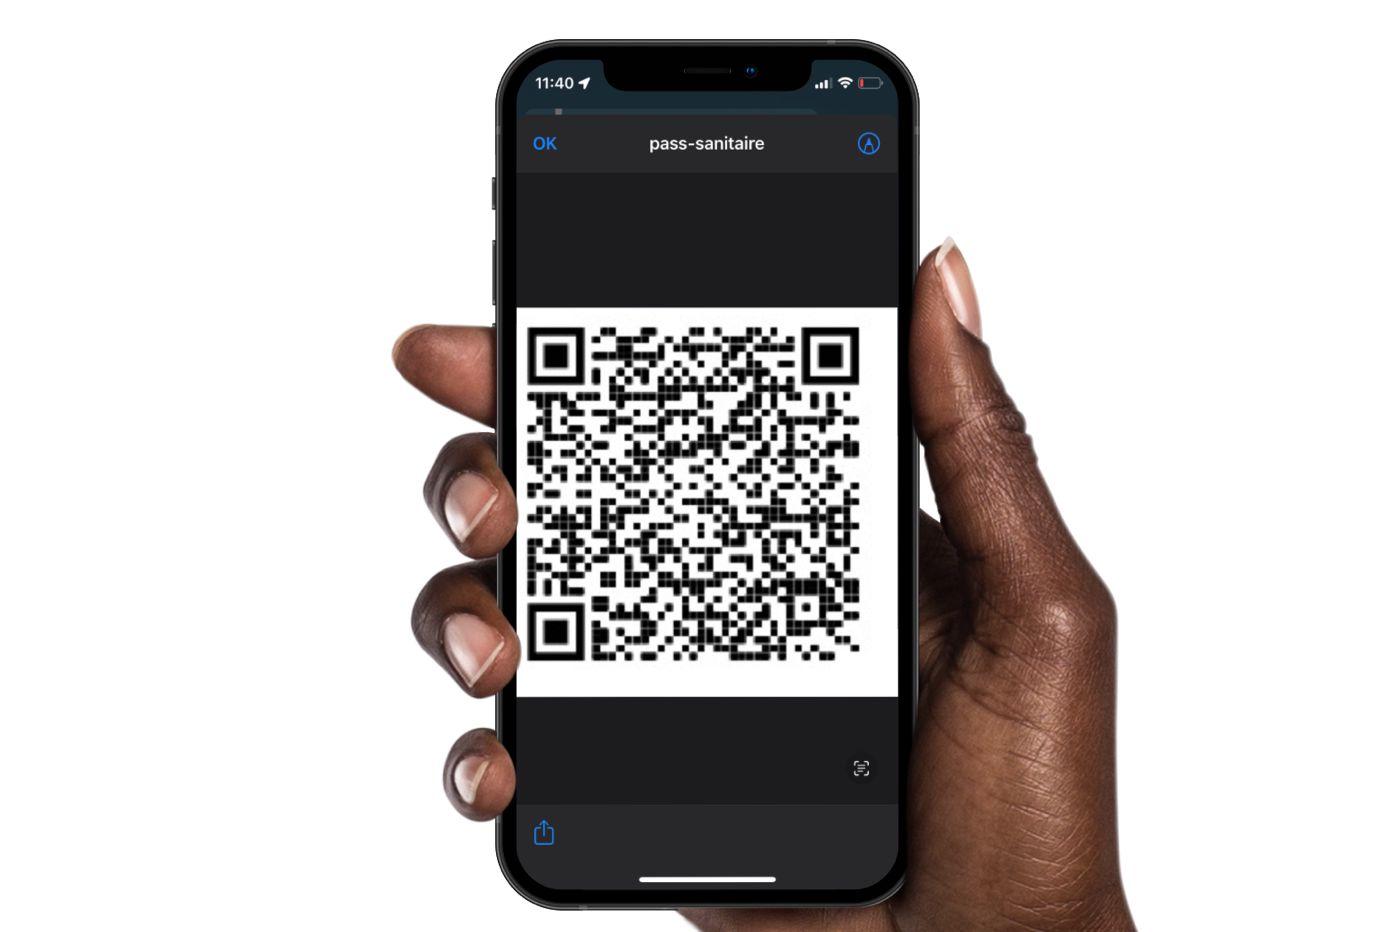 Pass sanitaire via Raccourcis iOS